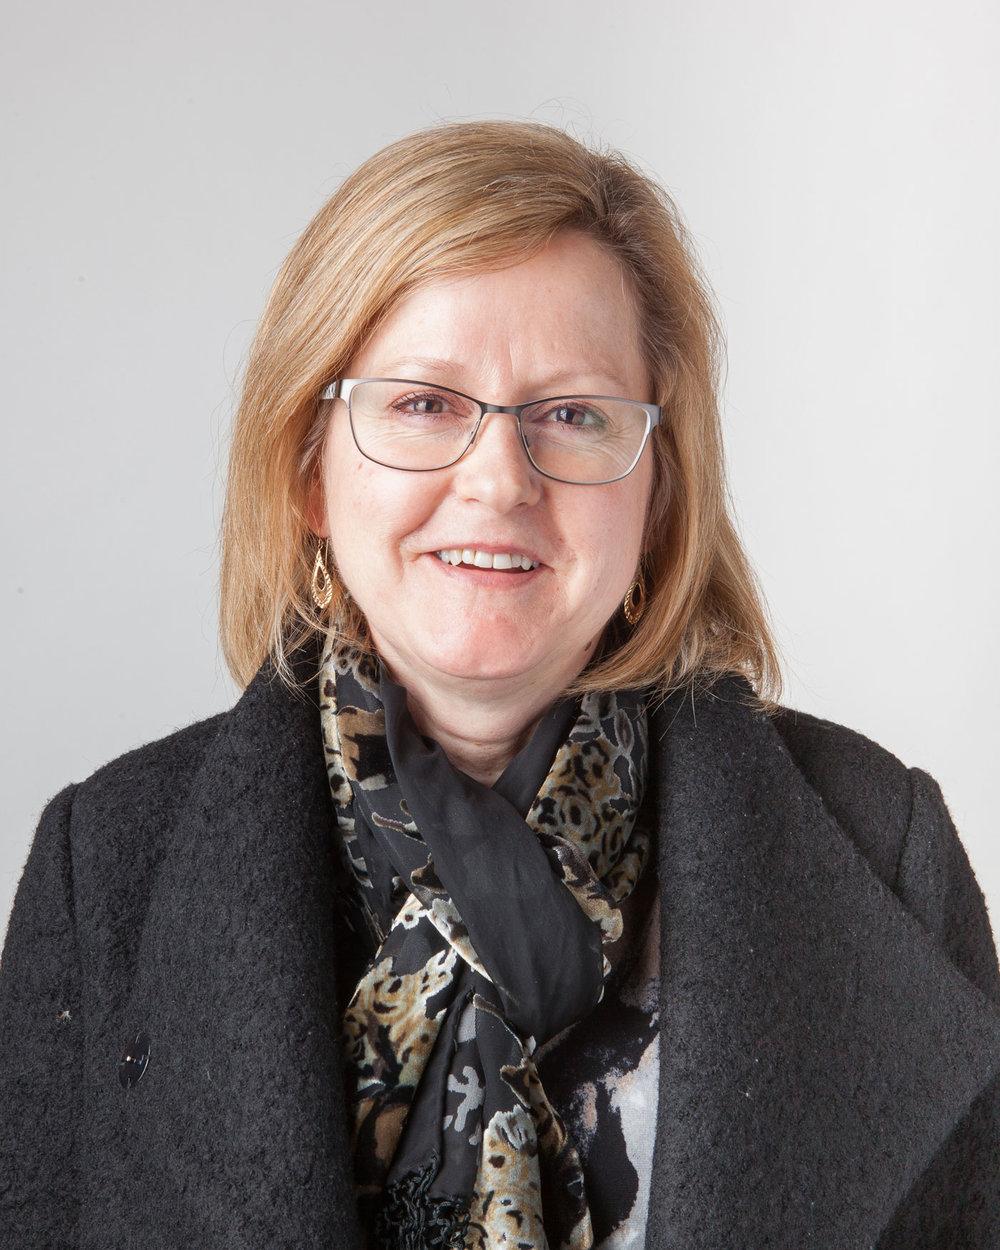 Cathy Stashyn